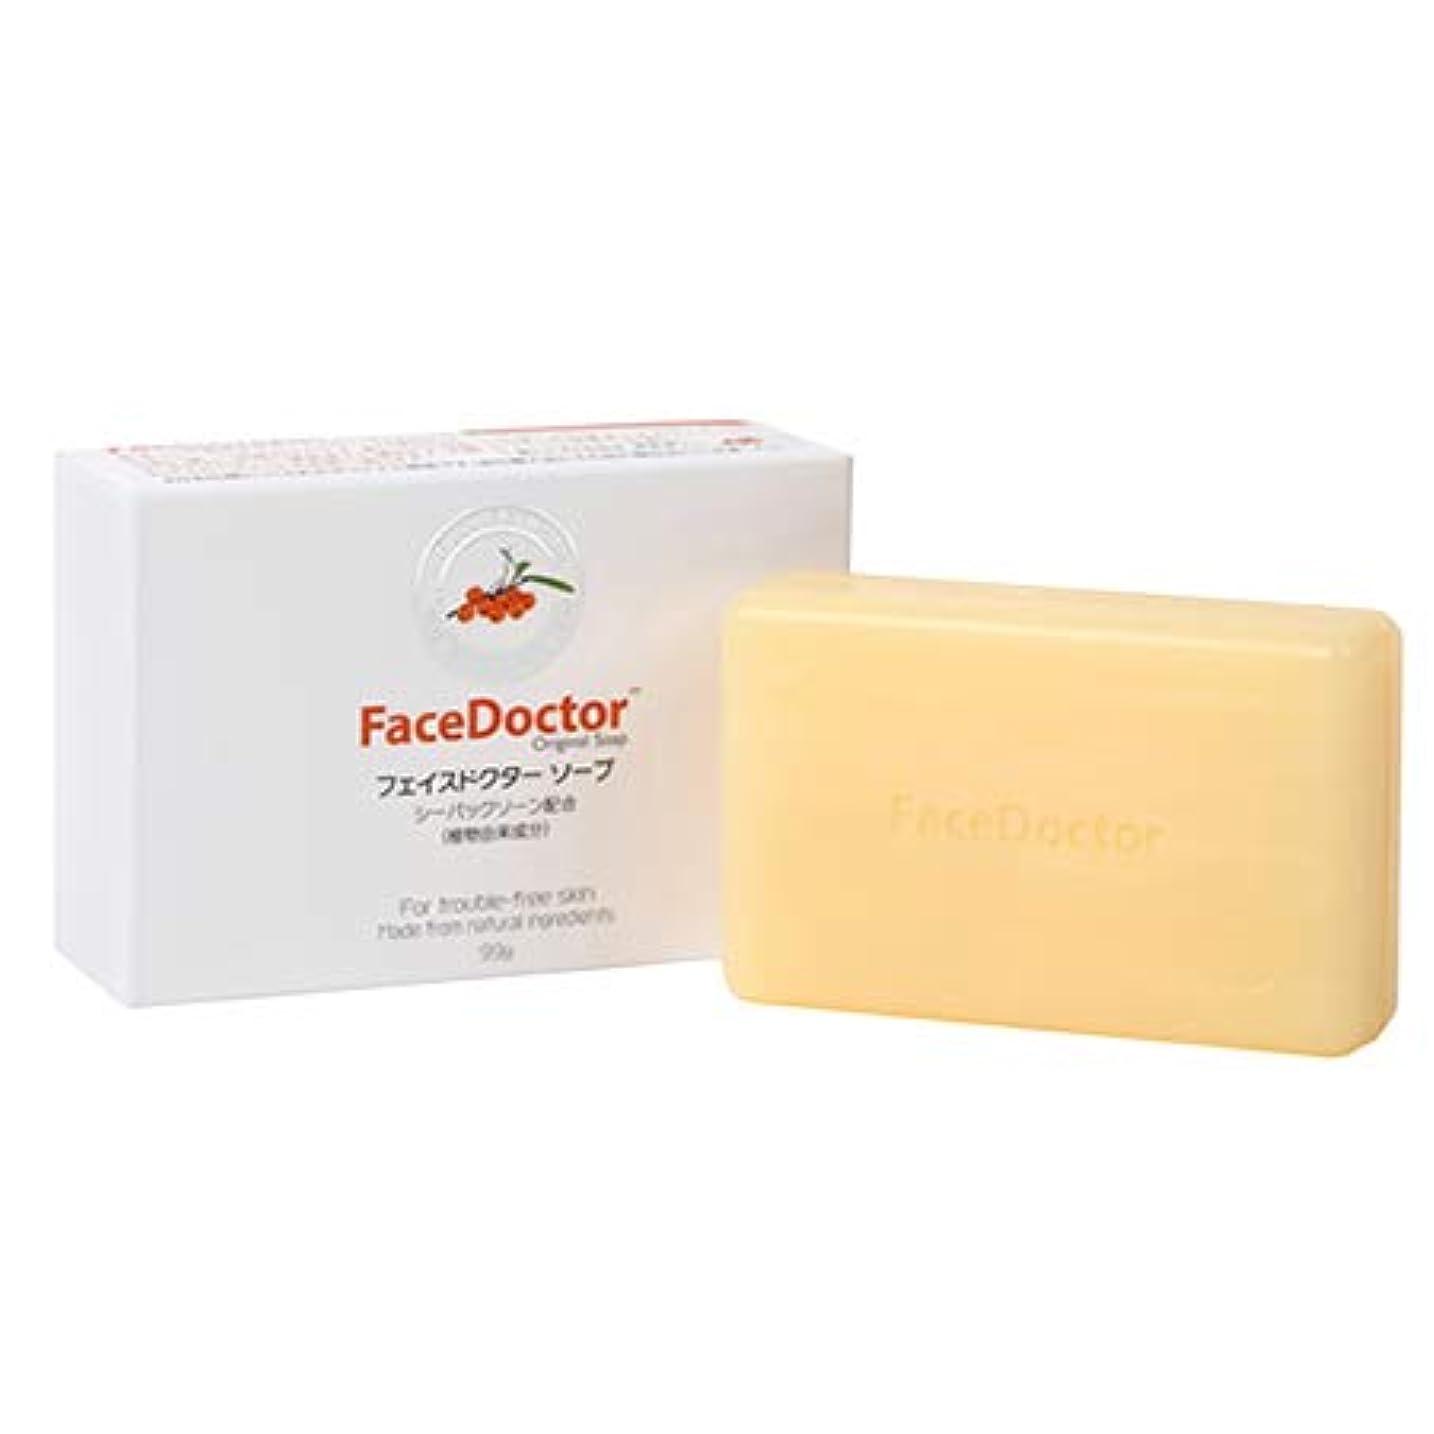 セールスマン悪因子船上顔ダニ石鹸 FaceDoctor フェイスドクター ソープ 国内正規品